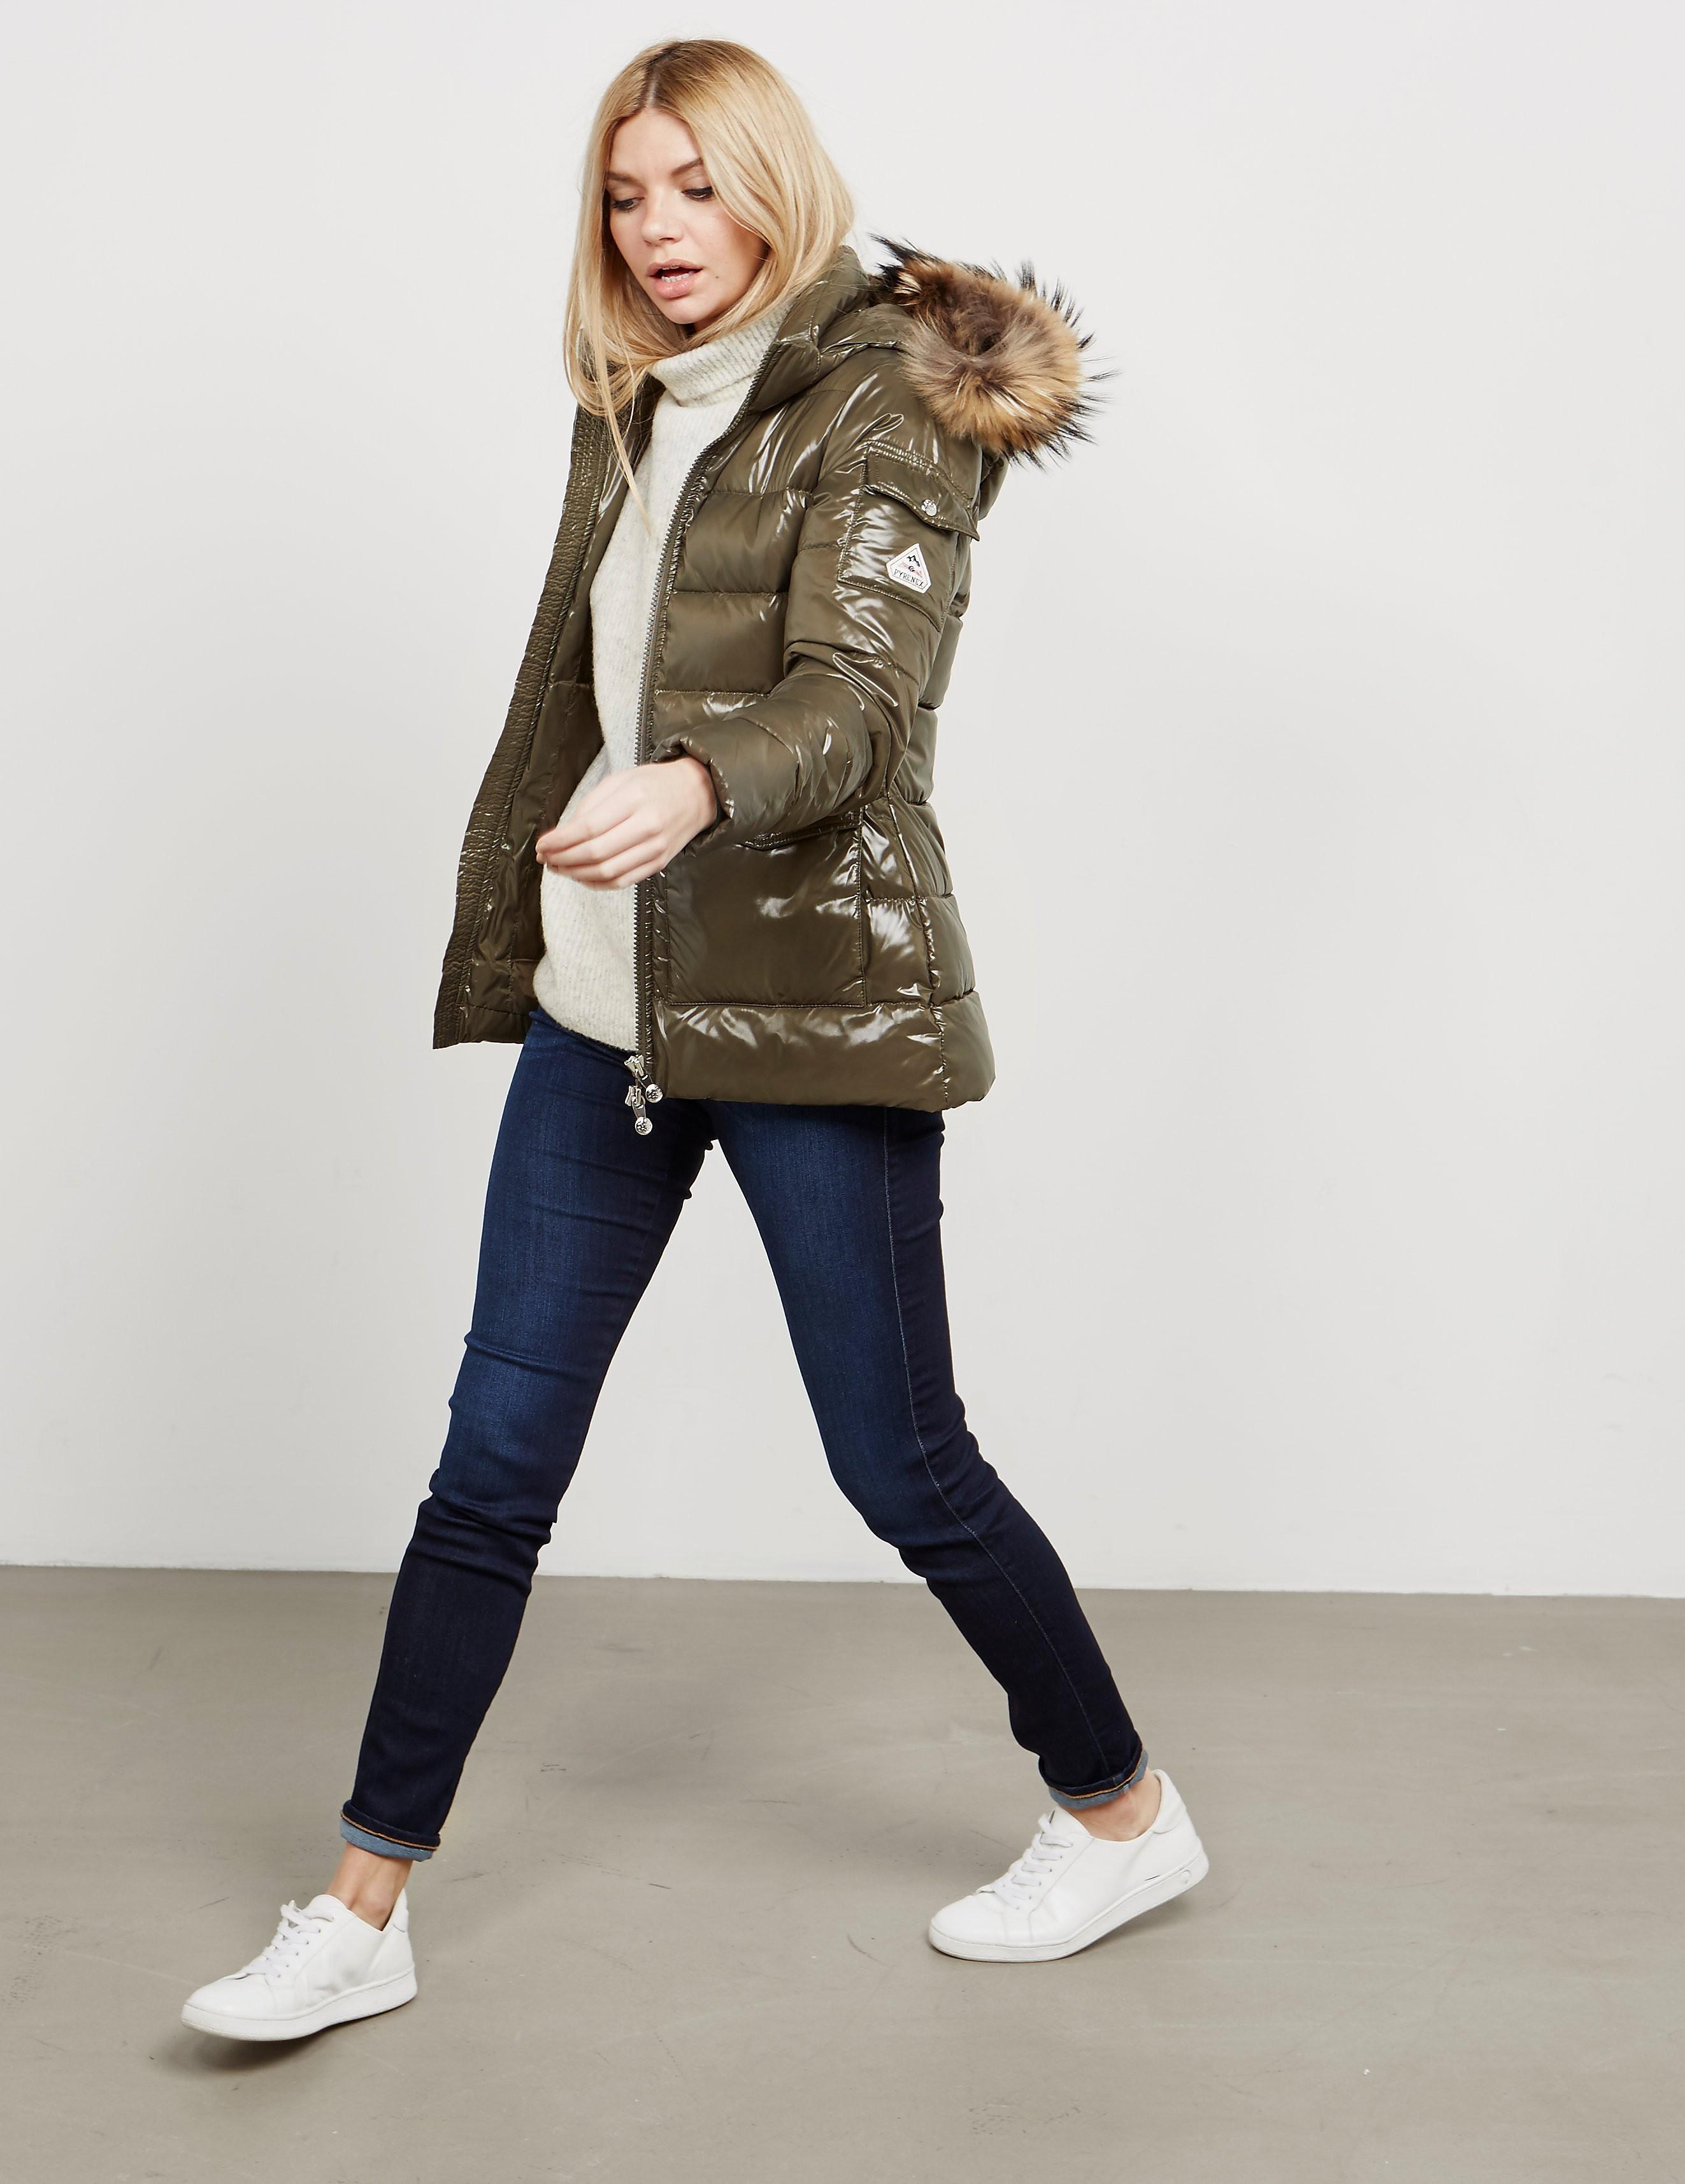 Pyrenex Authentic Shine Padded Jacket